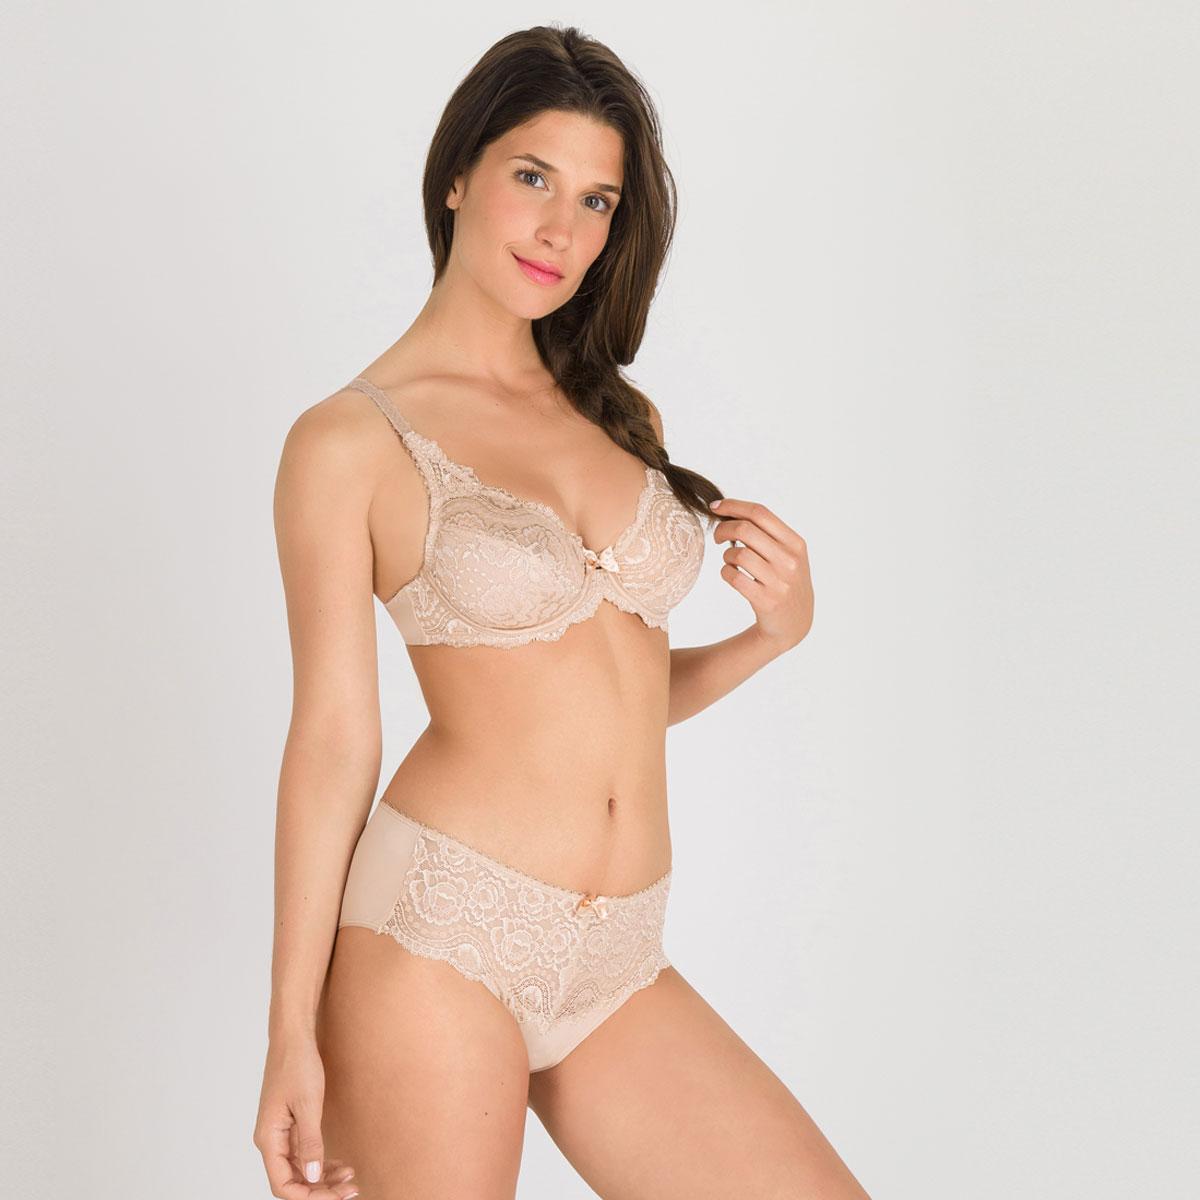 Soutien-gorge emboîtant beige - Flower Elegance-PLAYTEX